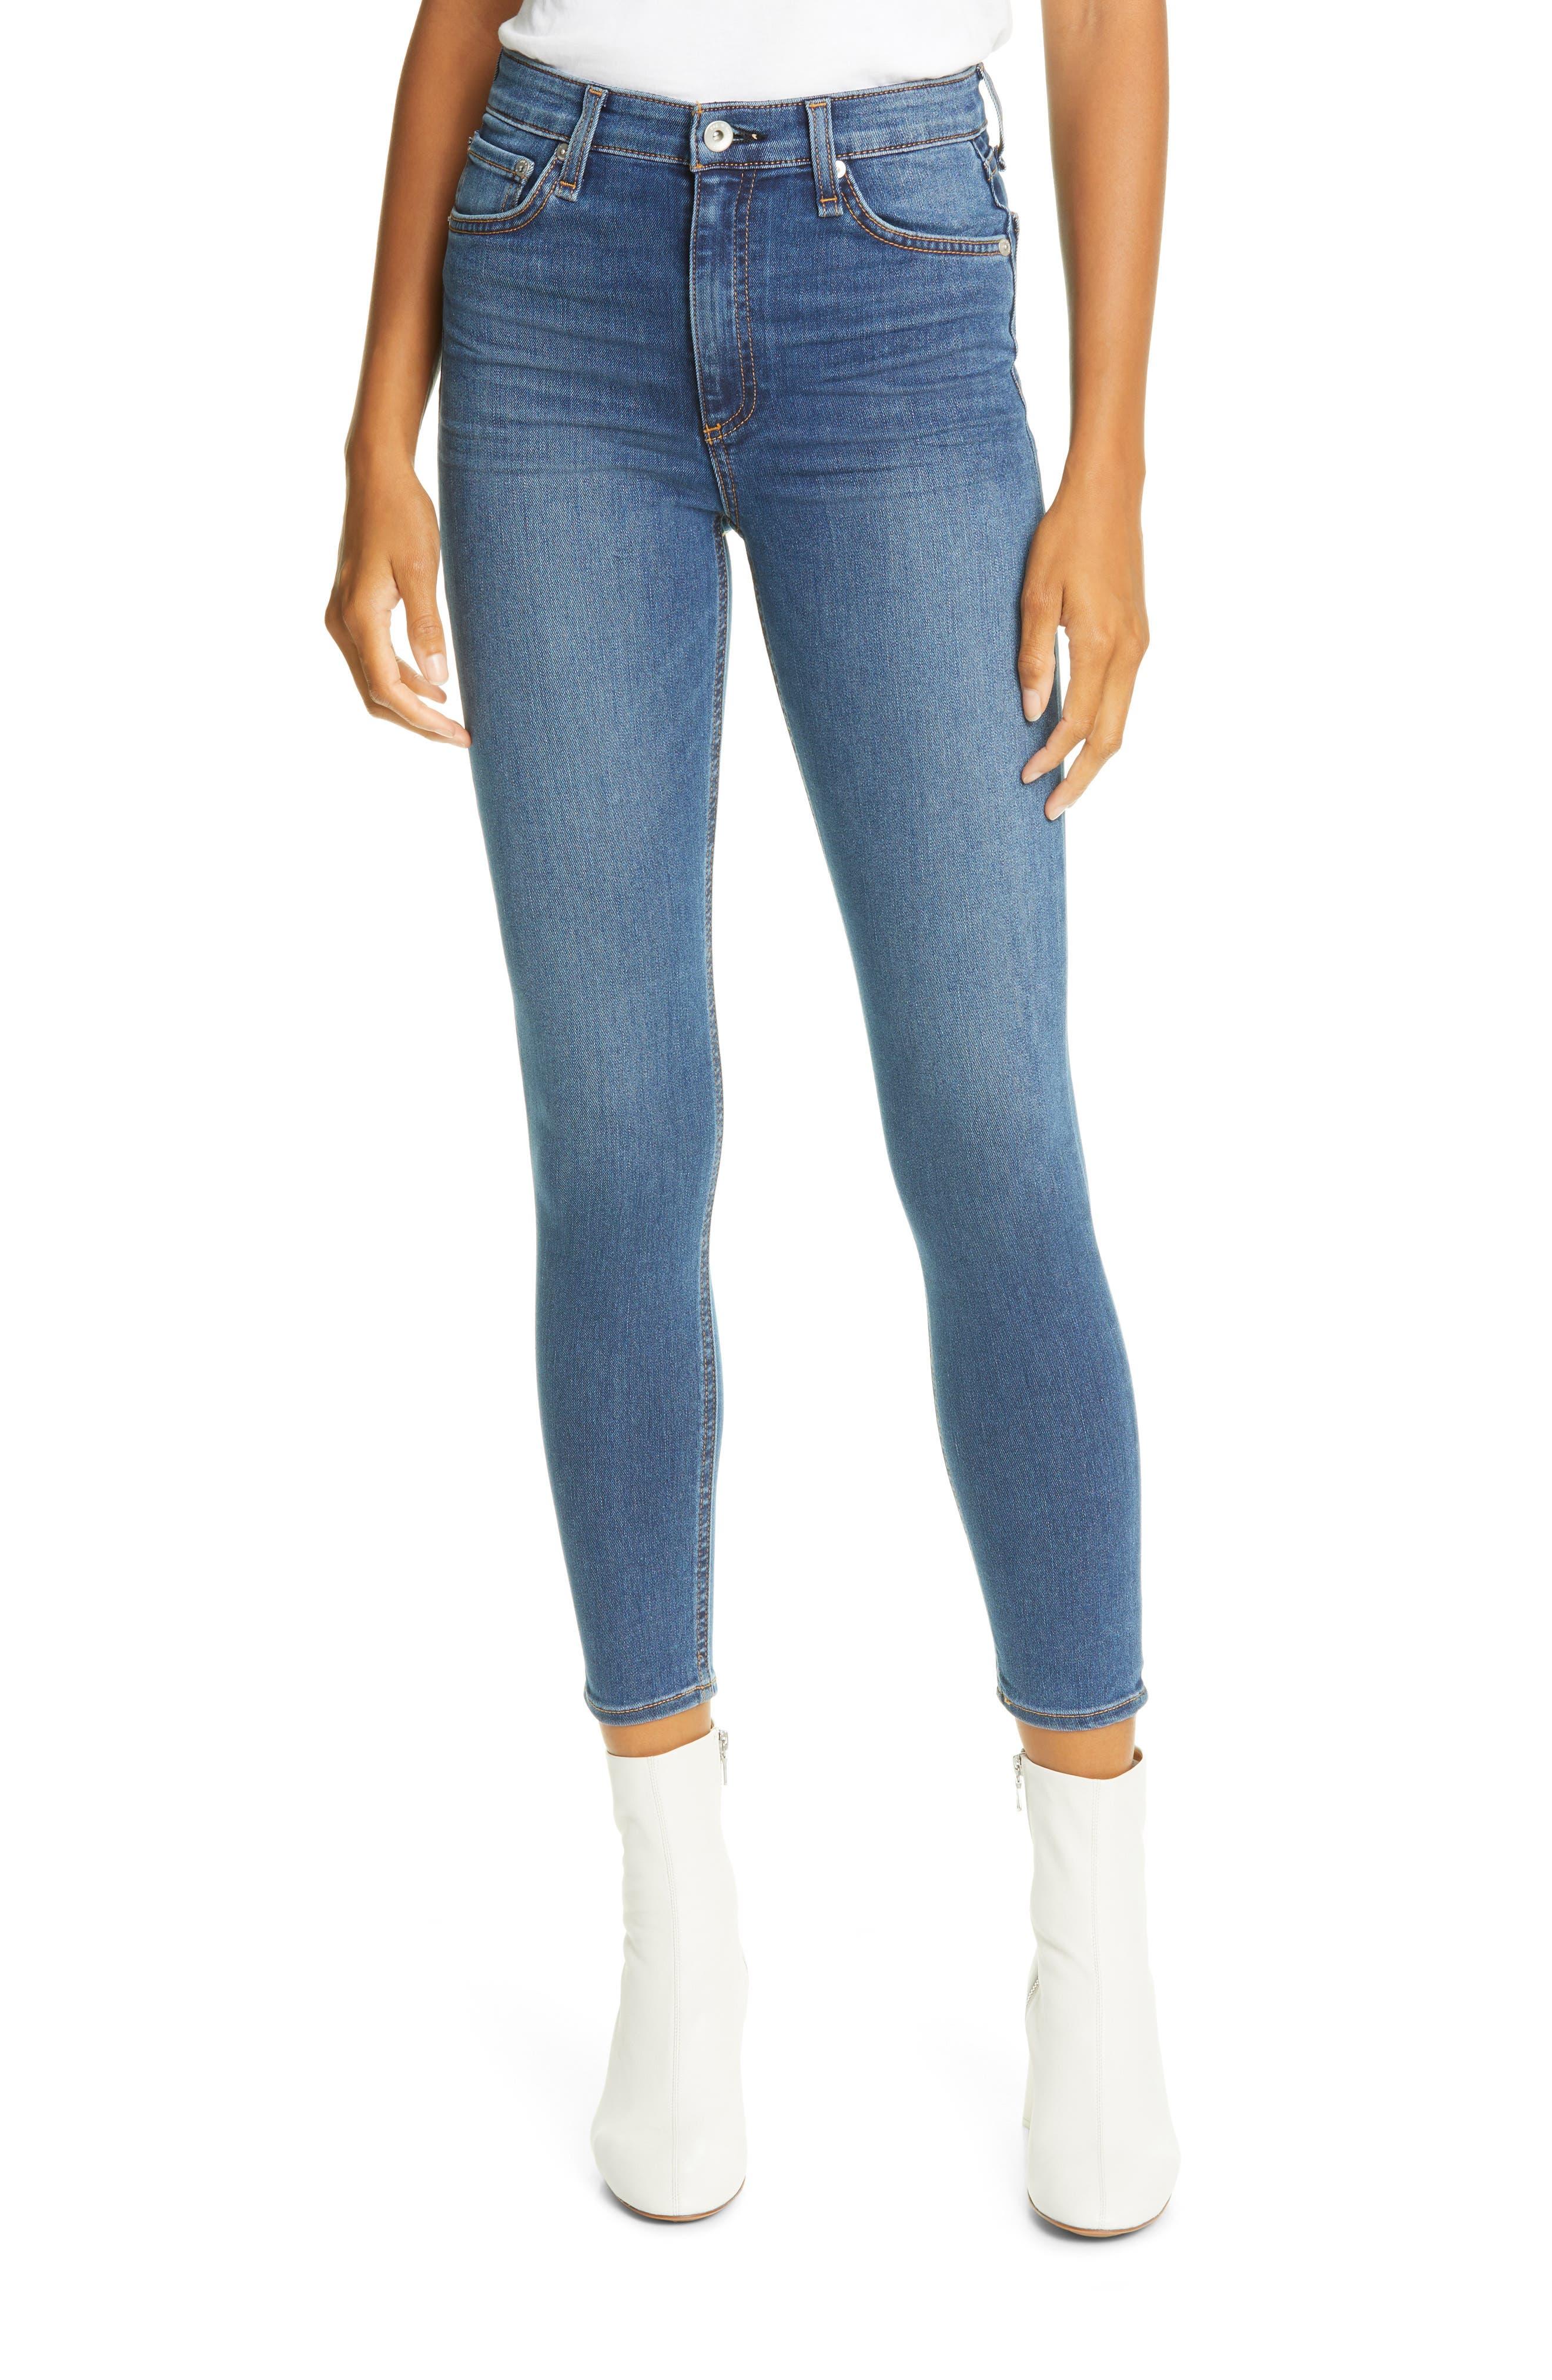 Rag & bone Nina High Waist Ankle Skinny Jeans (Camden) | Nordstrom